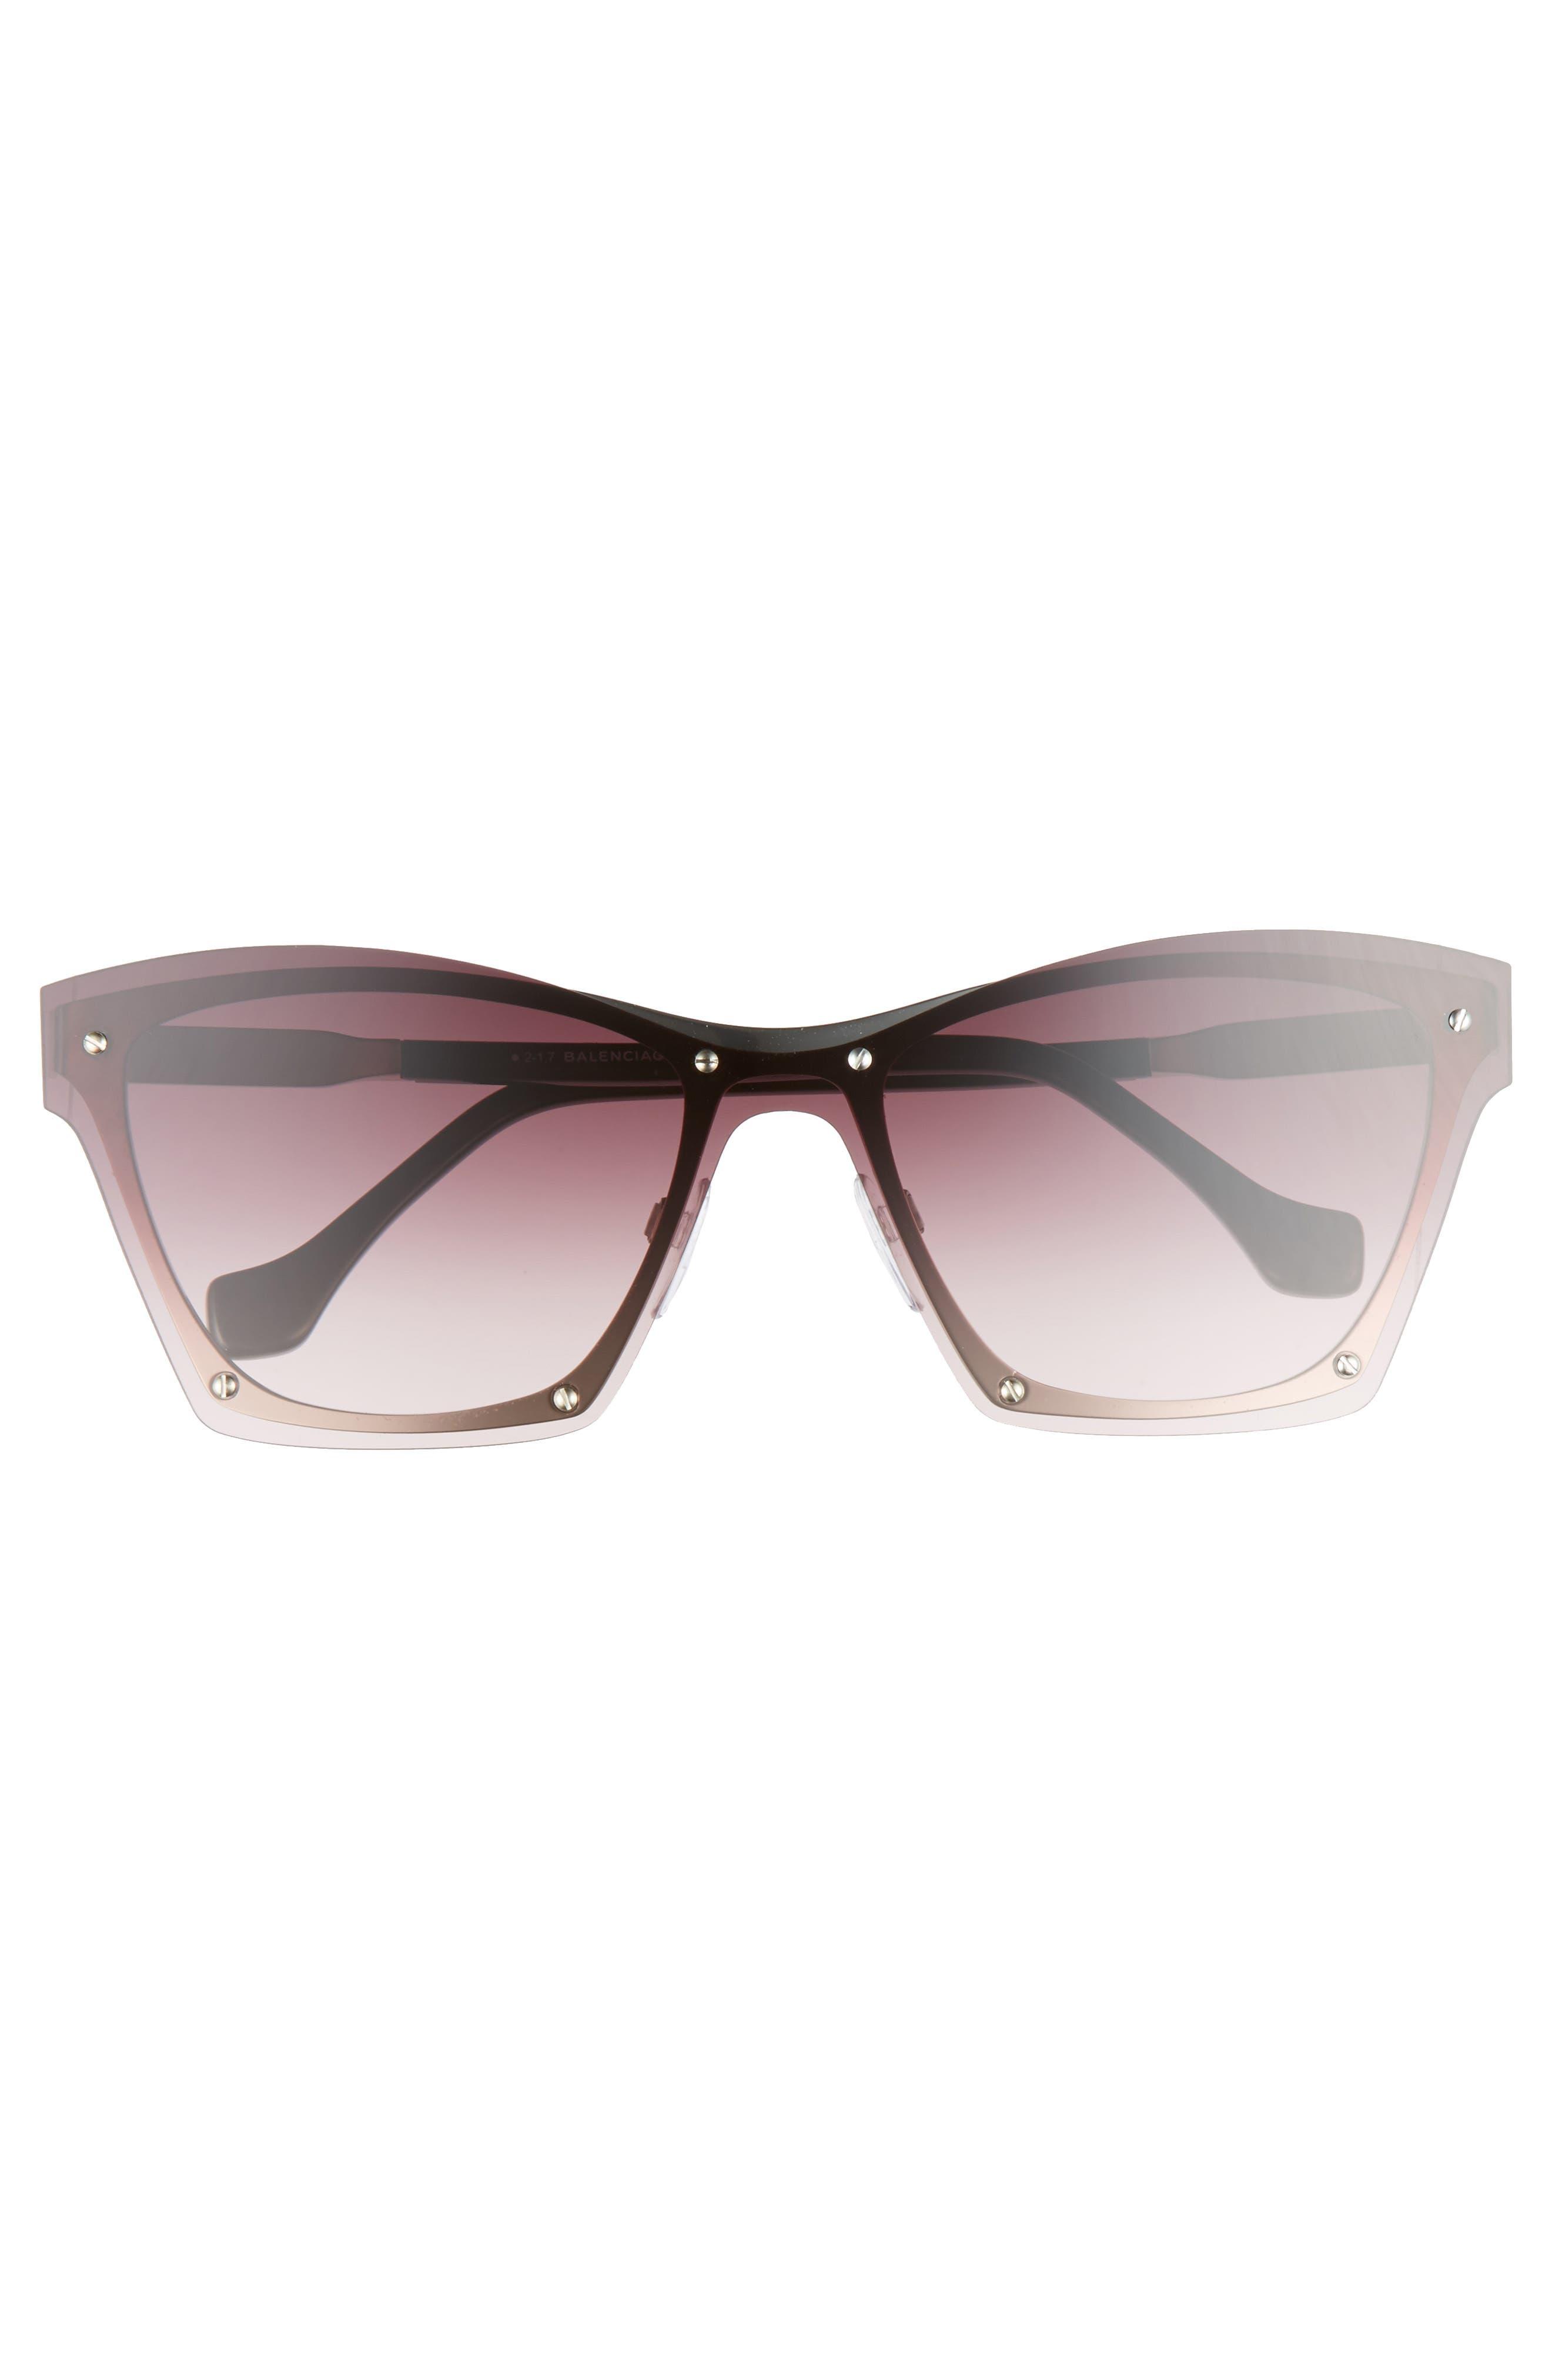 55mm Frameless Sunglasses,                             Alternate thumbnail 8, color,